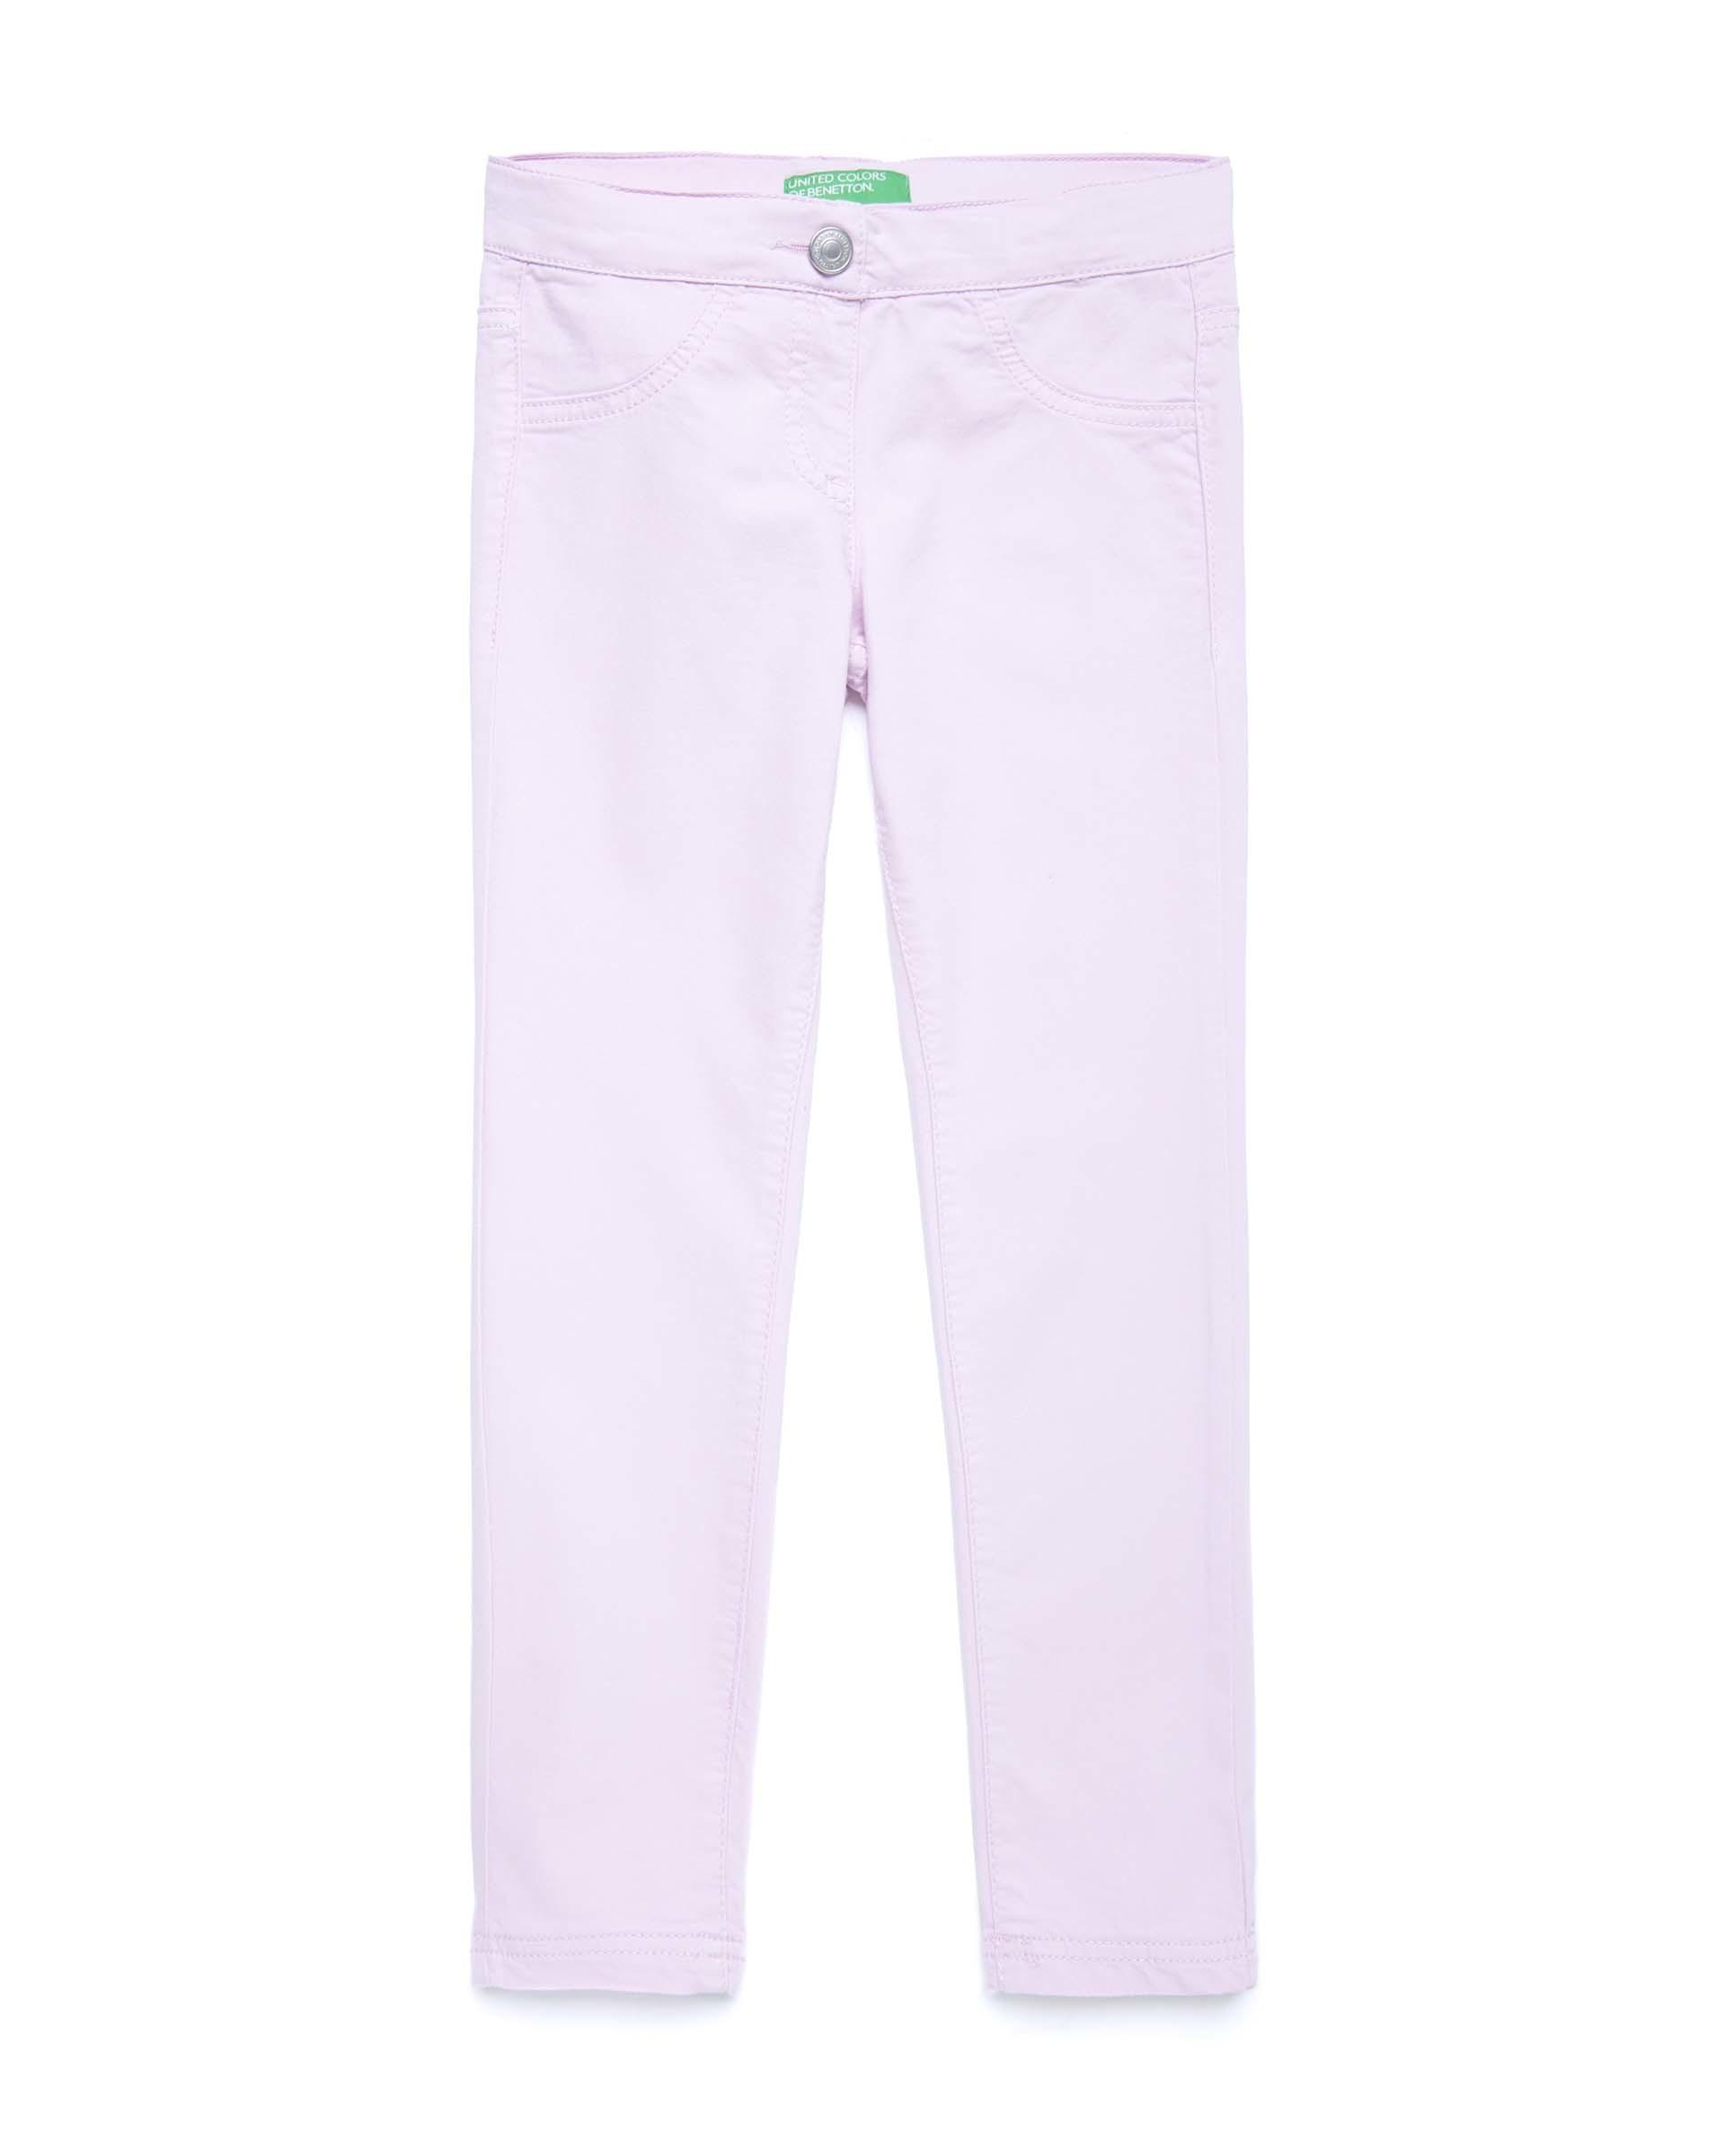 Купить 20P_4U4057I20_07M, Эластичные брюки для девочек Benetton 4U4057I20_07M р-р 92, United Colors of Benetton, Шорты и брюки для новорожденных